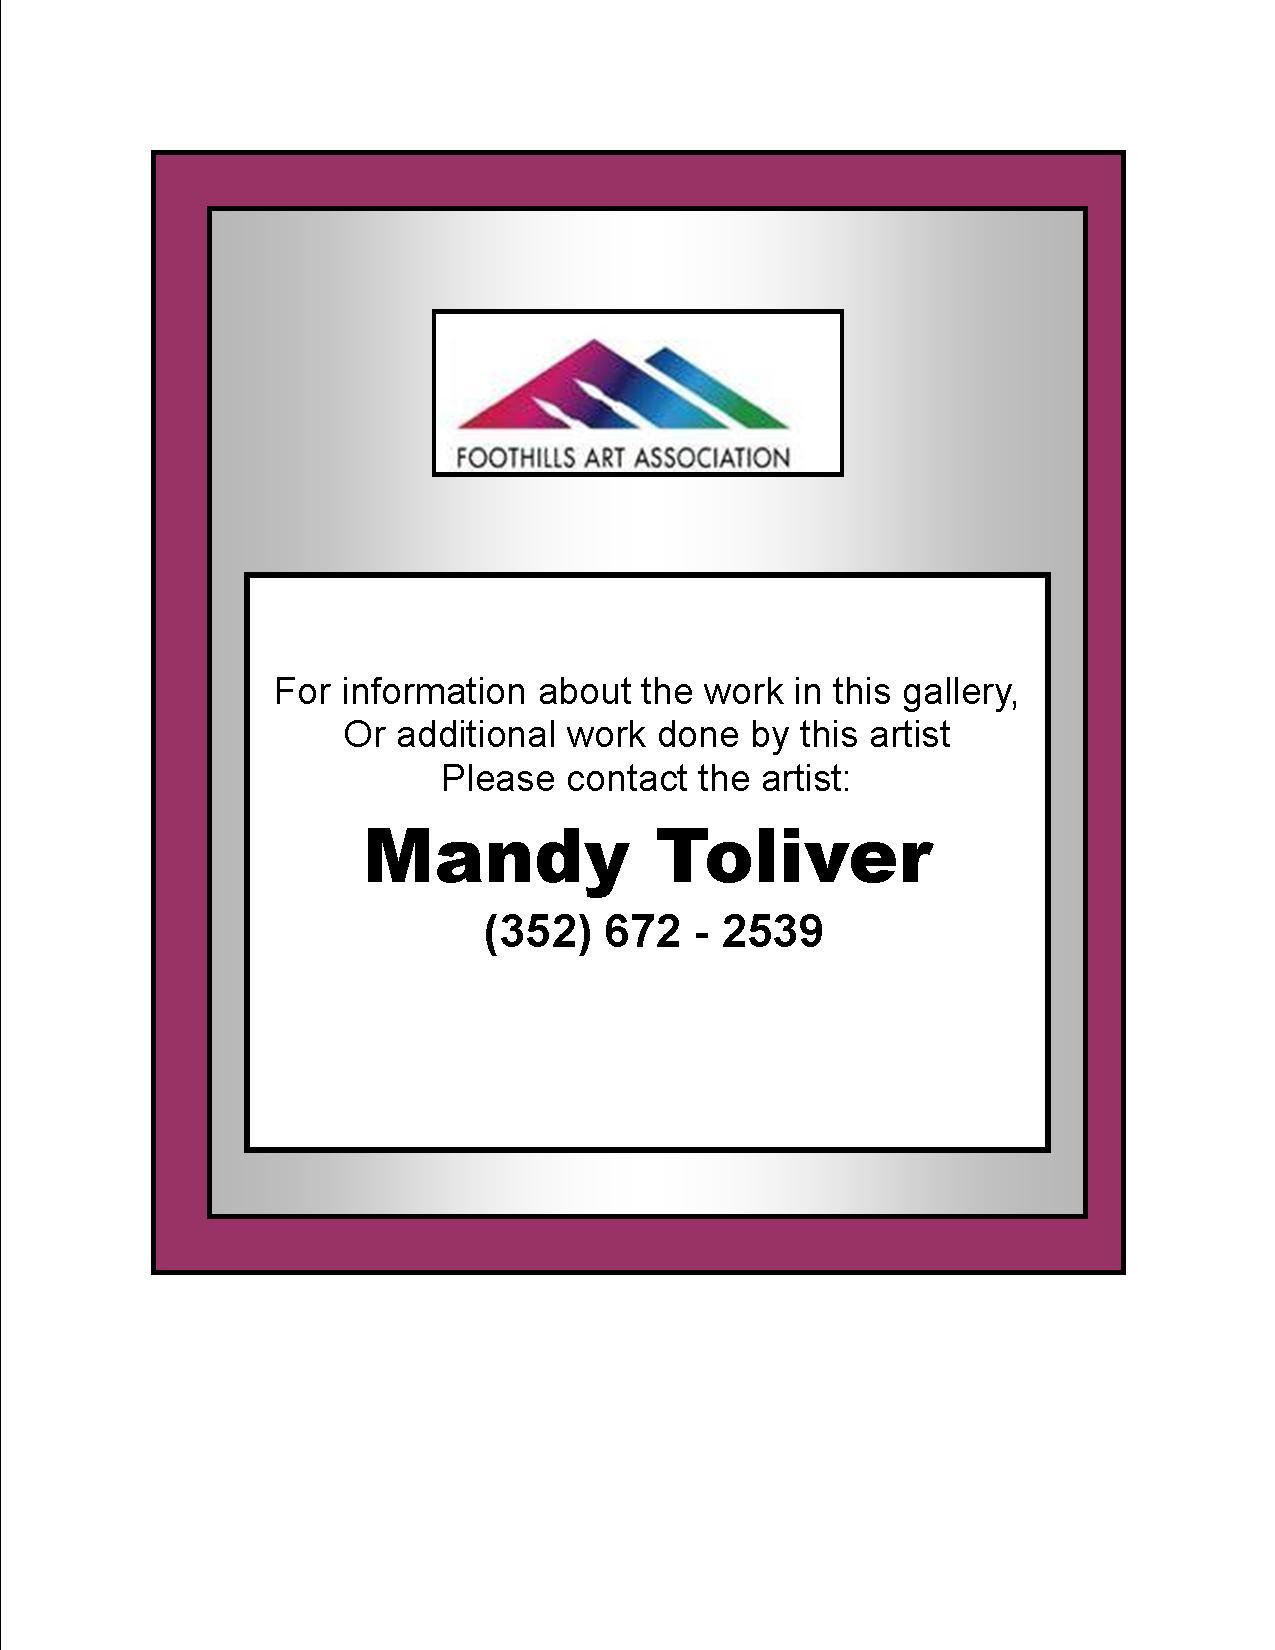 Mandy Toliver